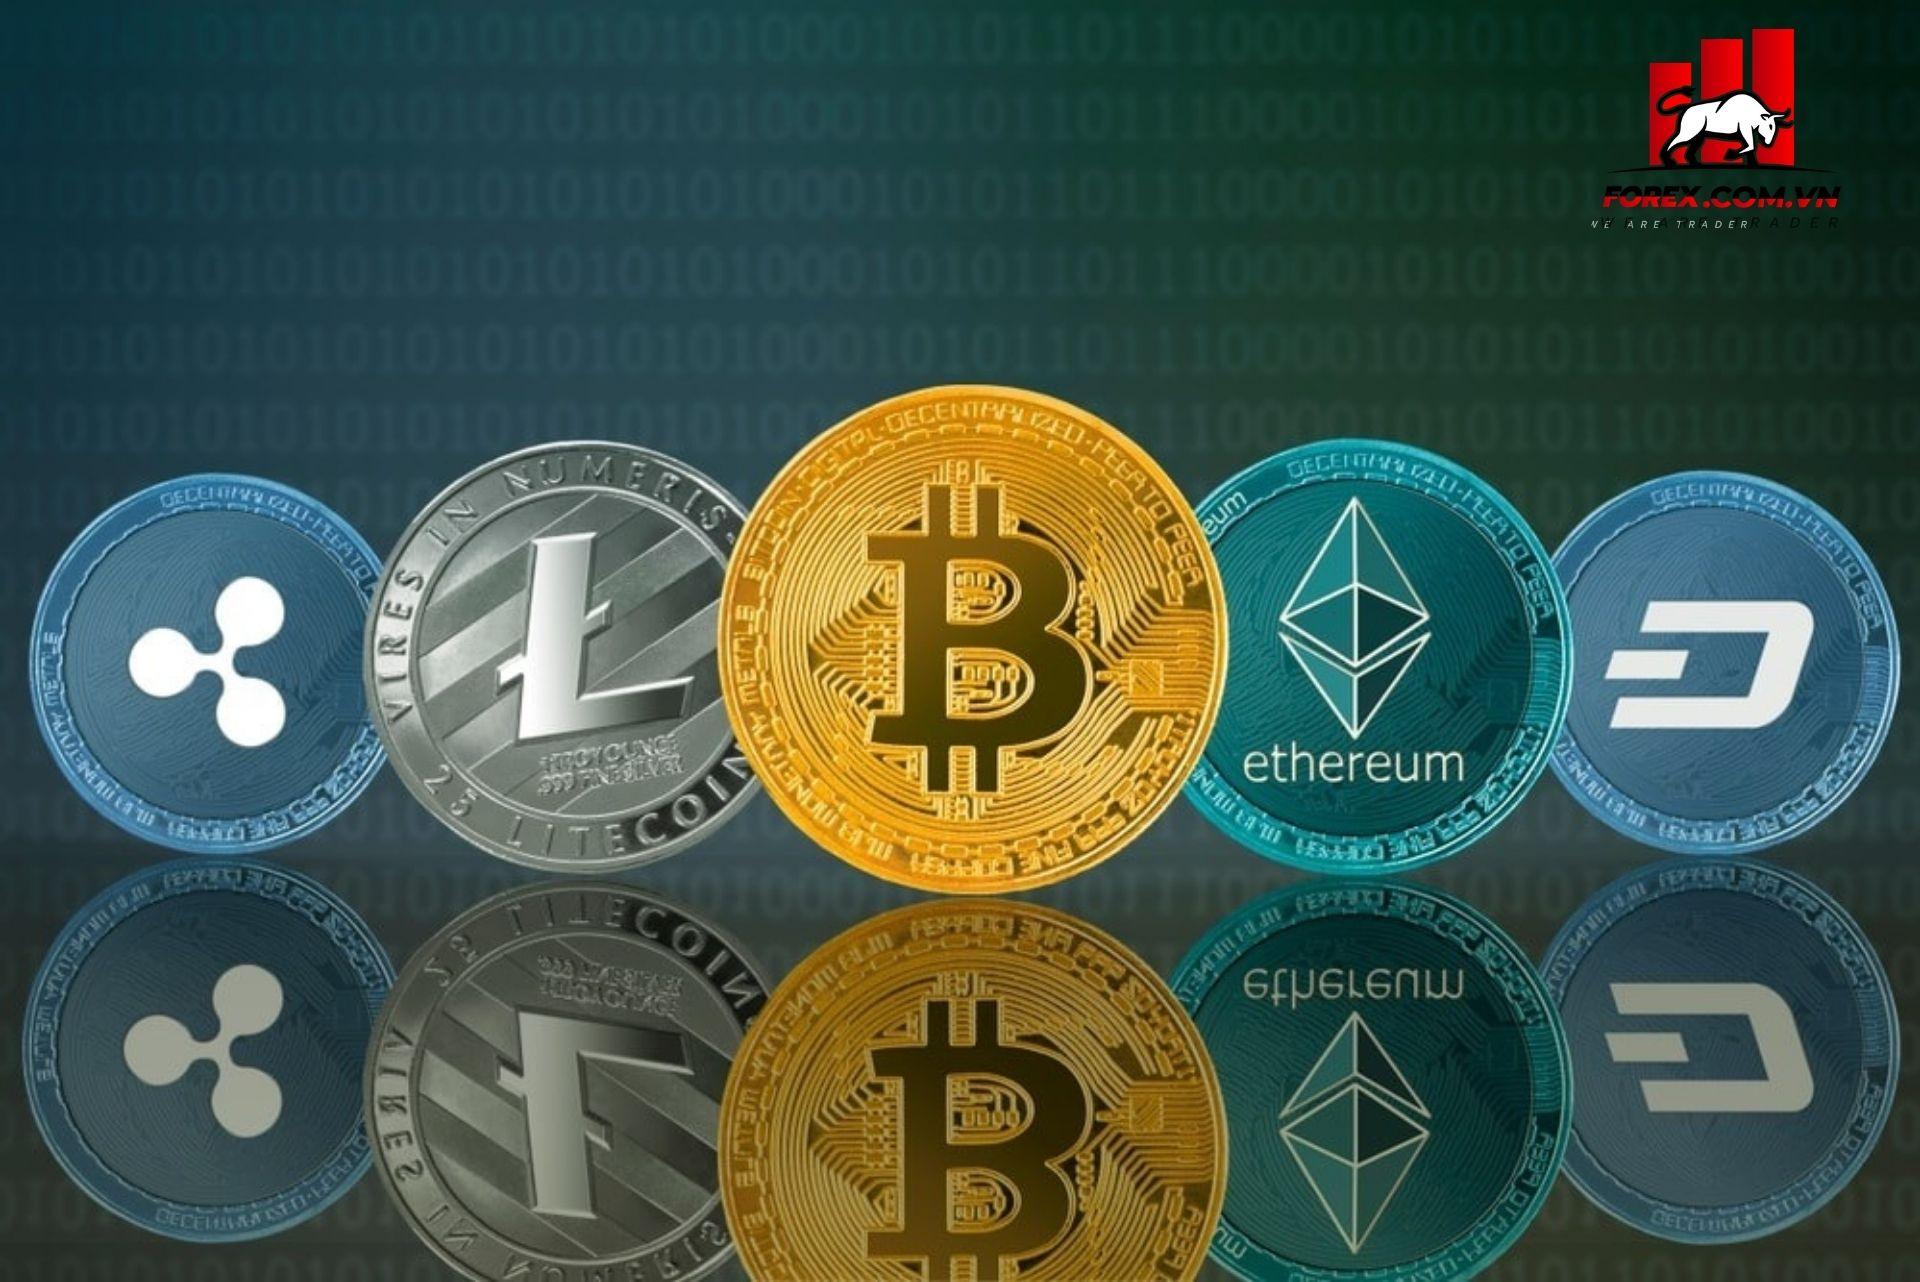 Các loại tiền điện tử lớn khác bao gồm ethereum và XRP tăng giá